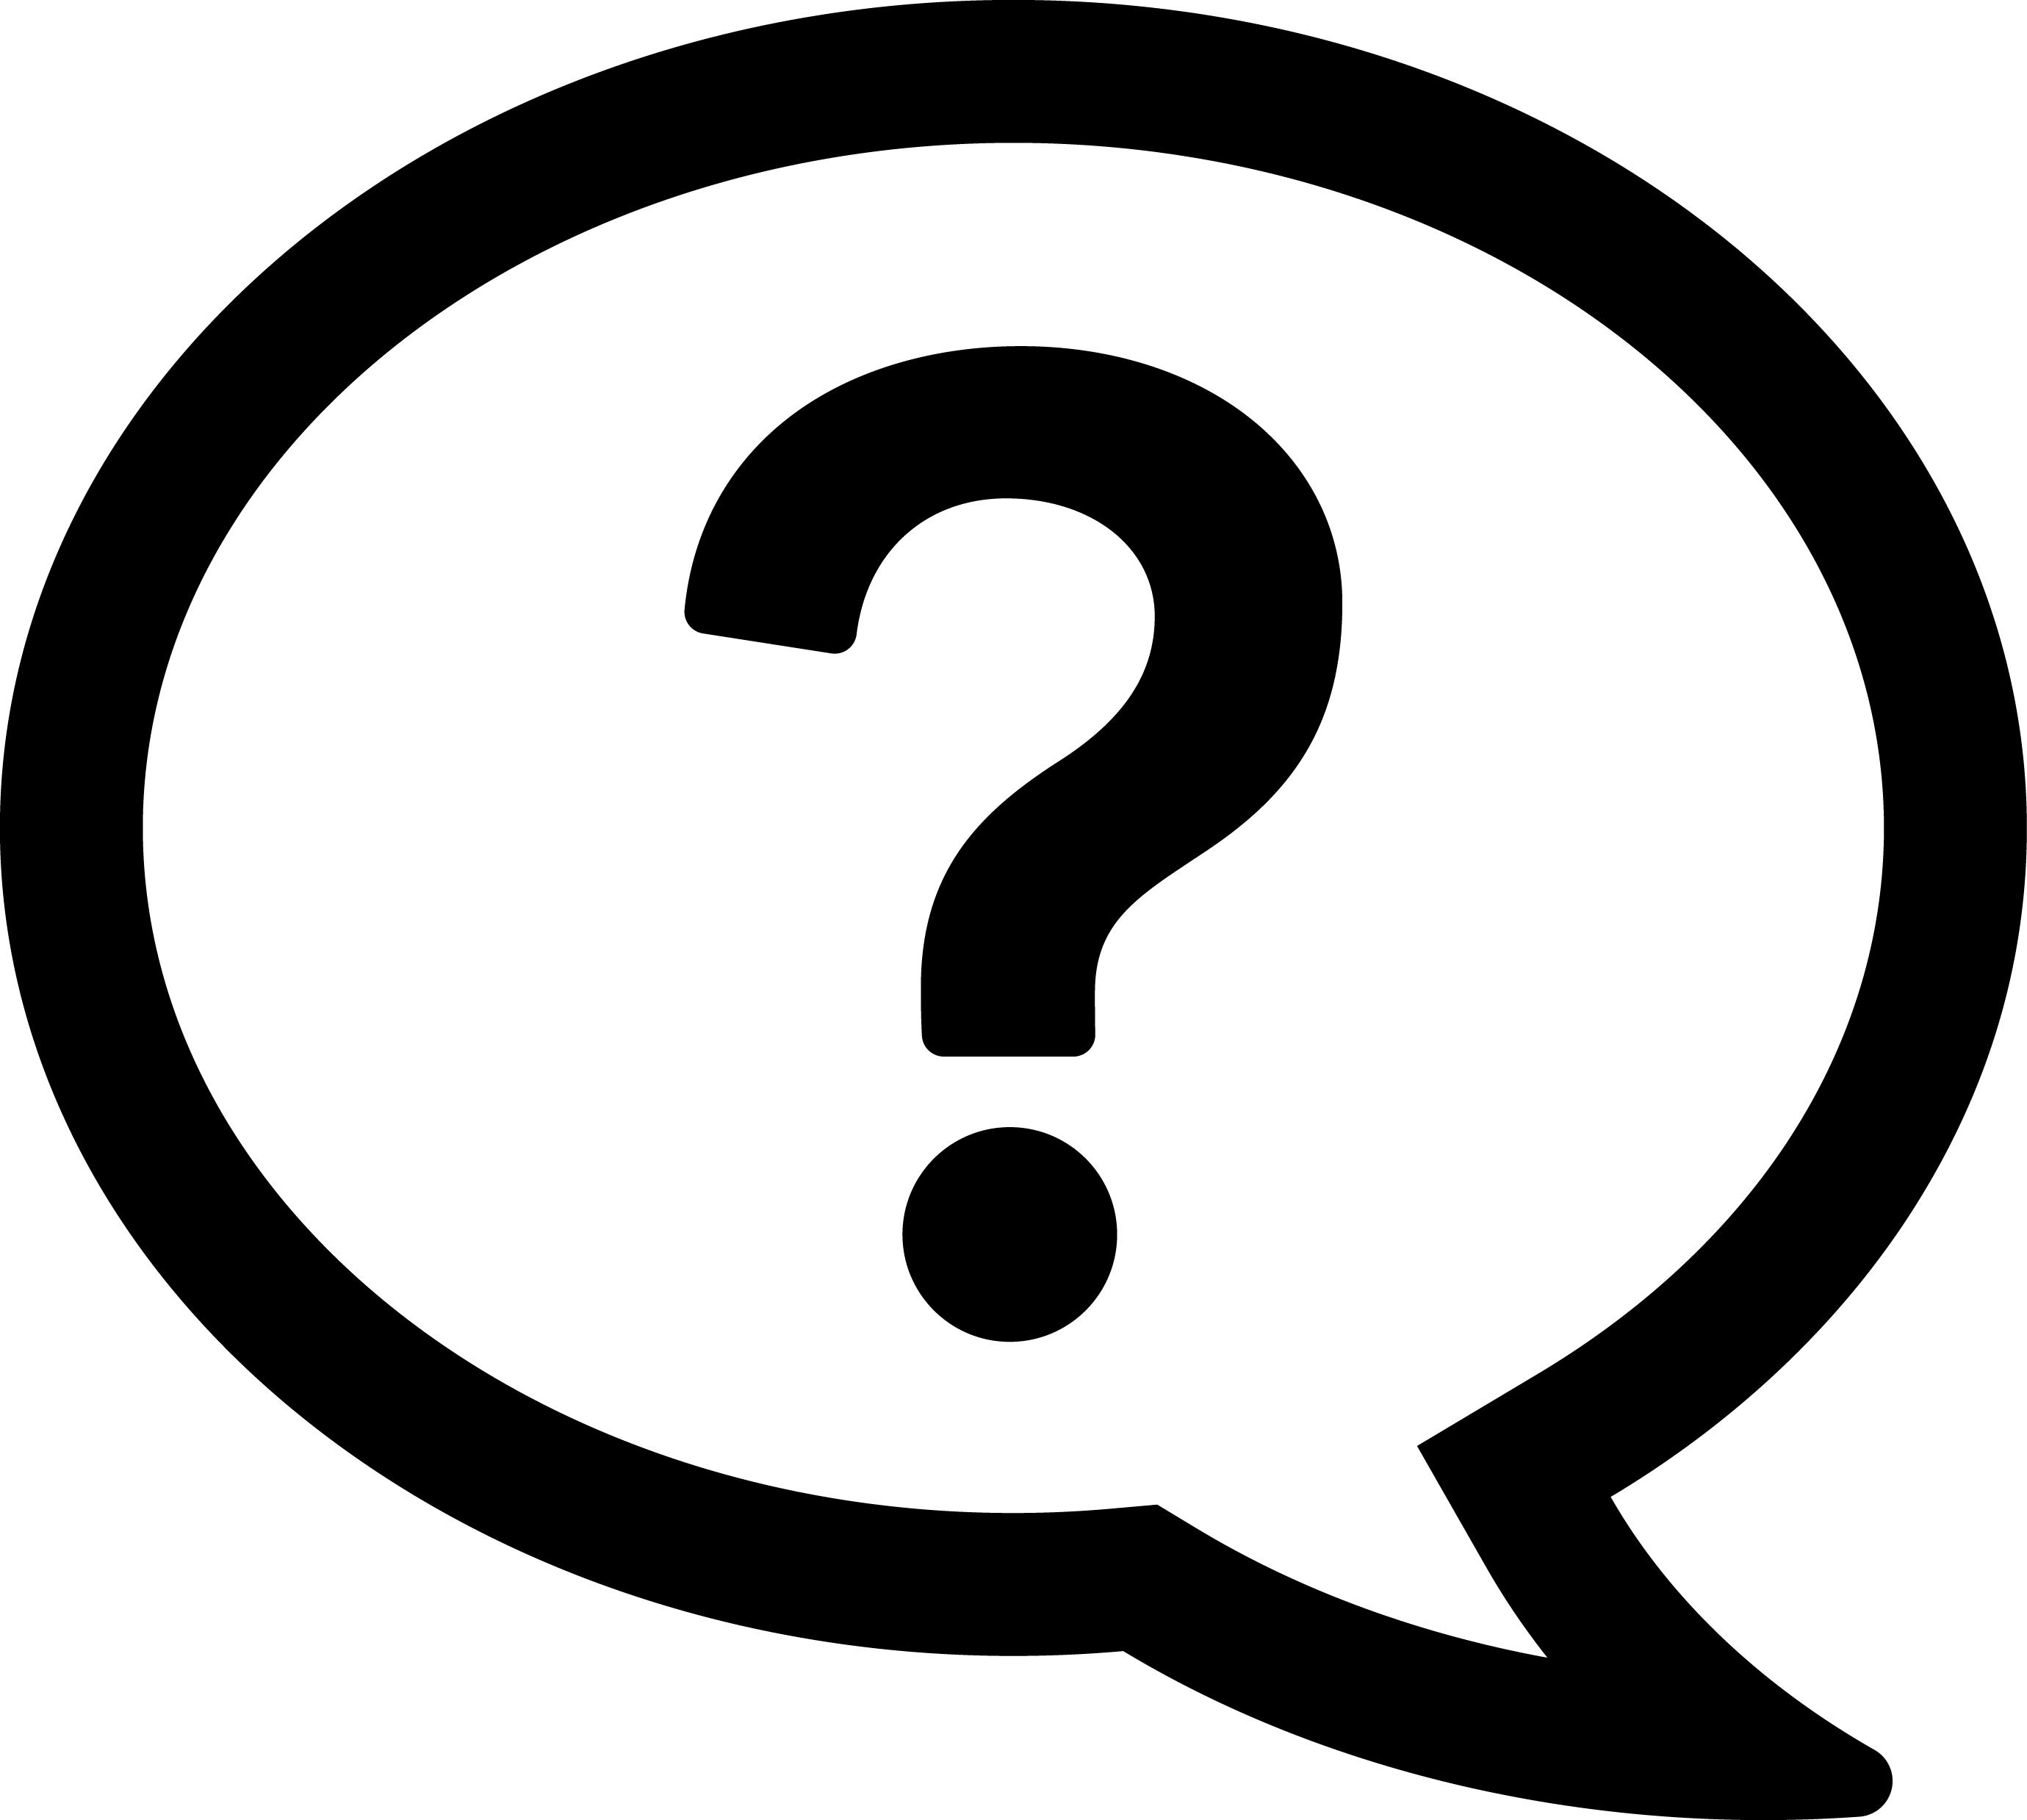 テクニカルサポートでは購入者の注文の詳細は確認できない